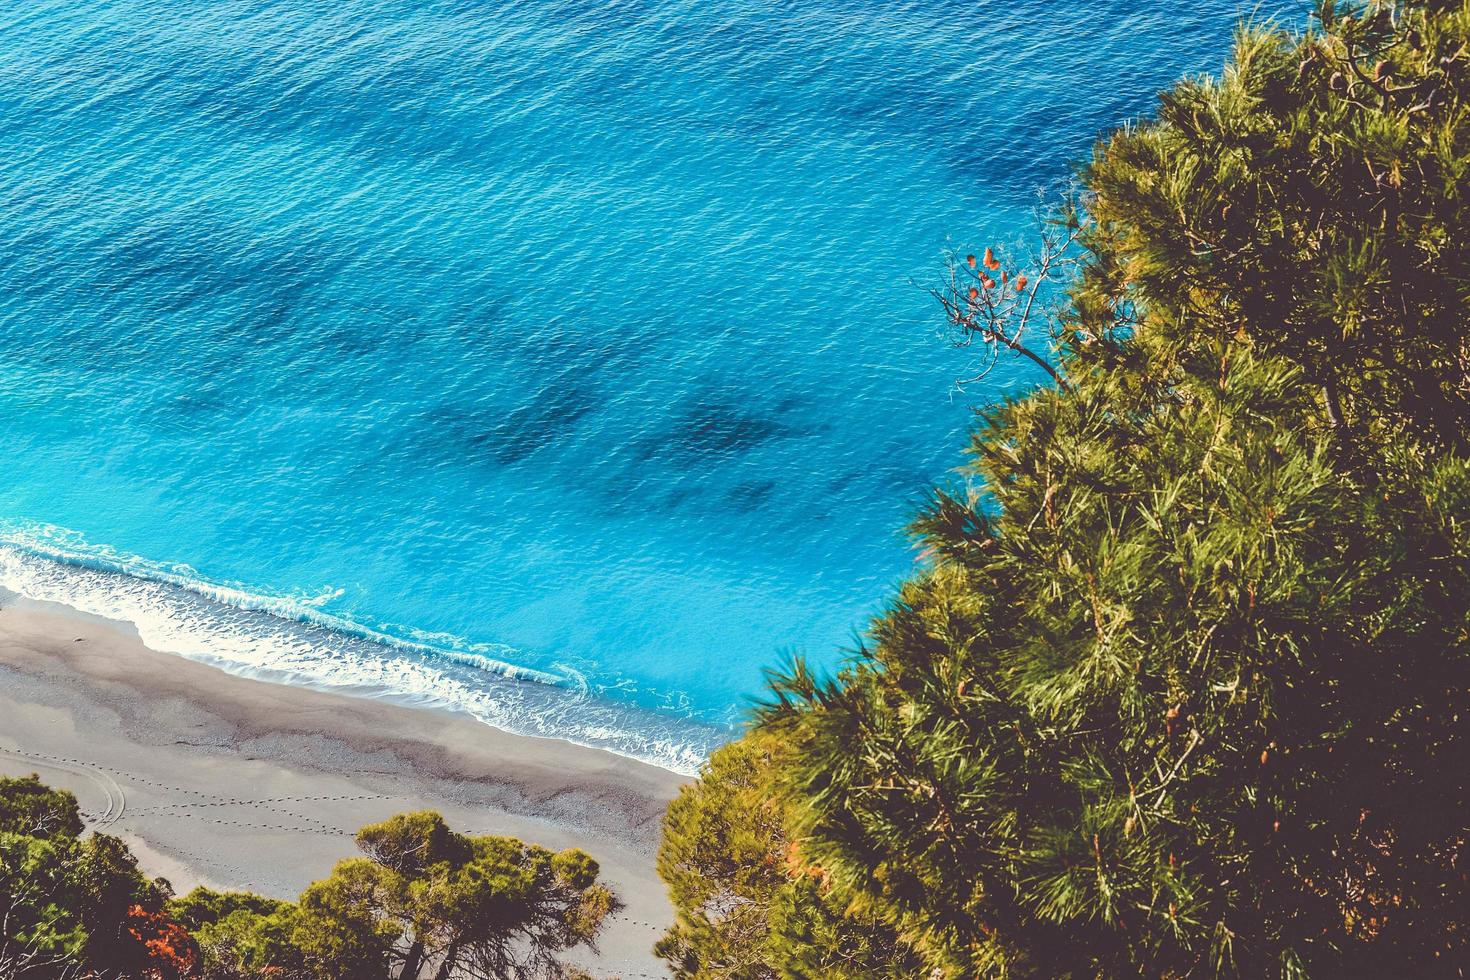 Ocean trees overlooking water photo